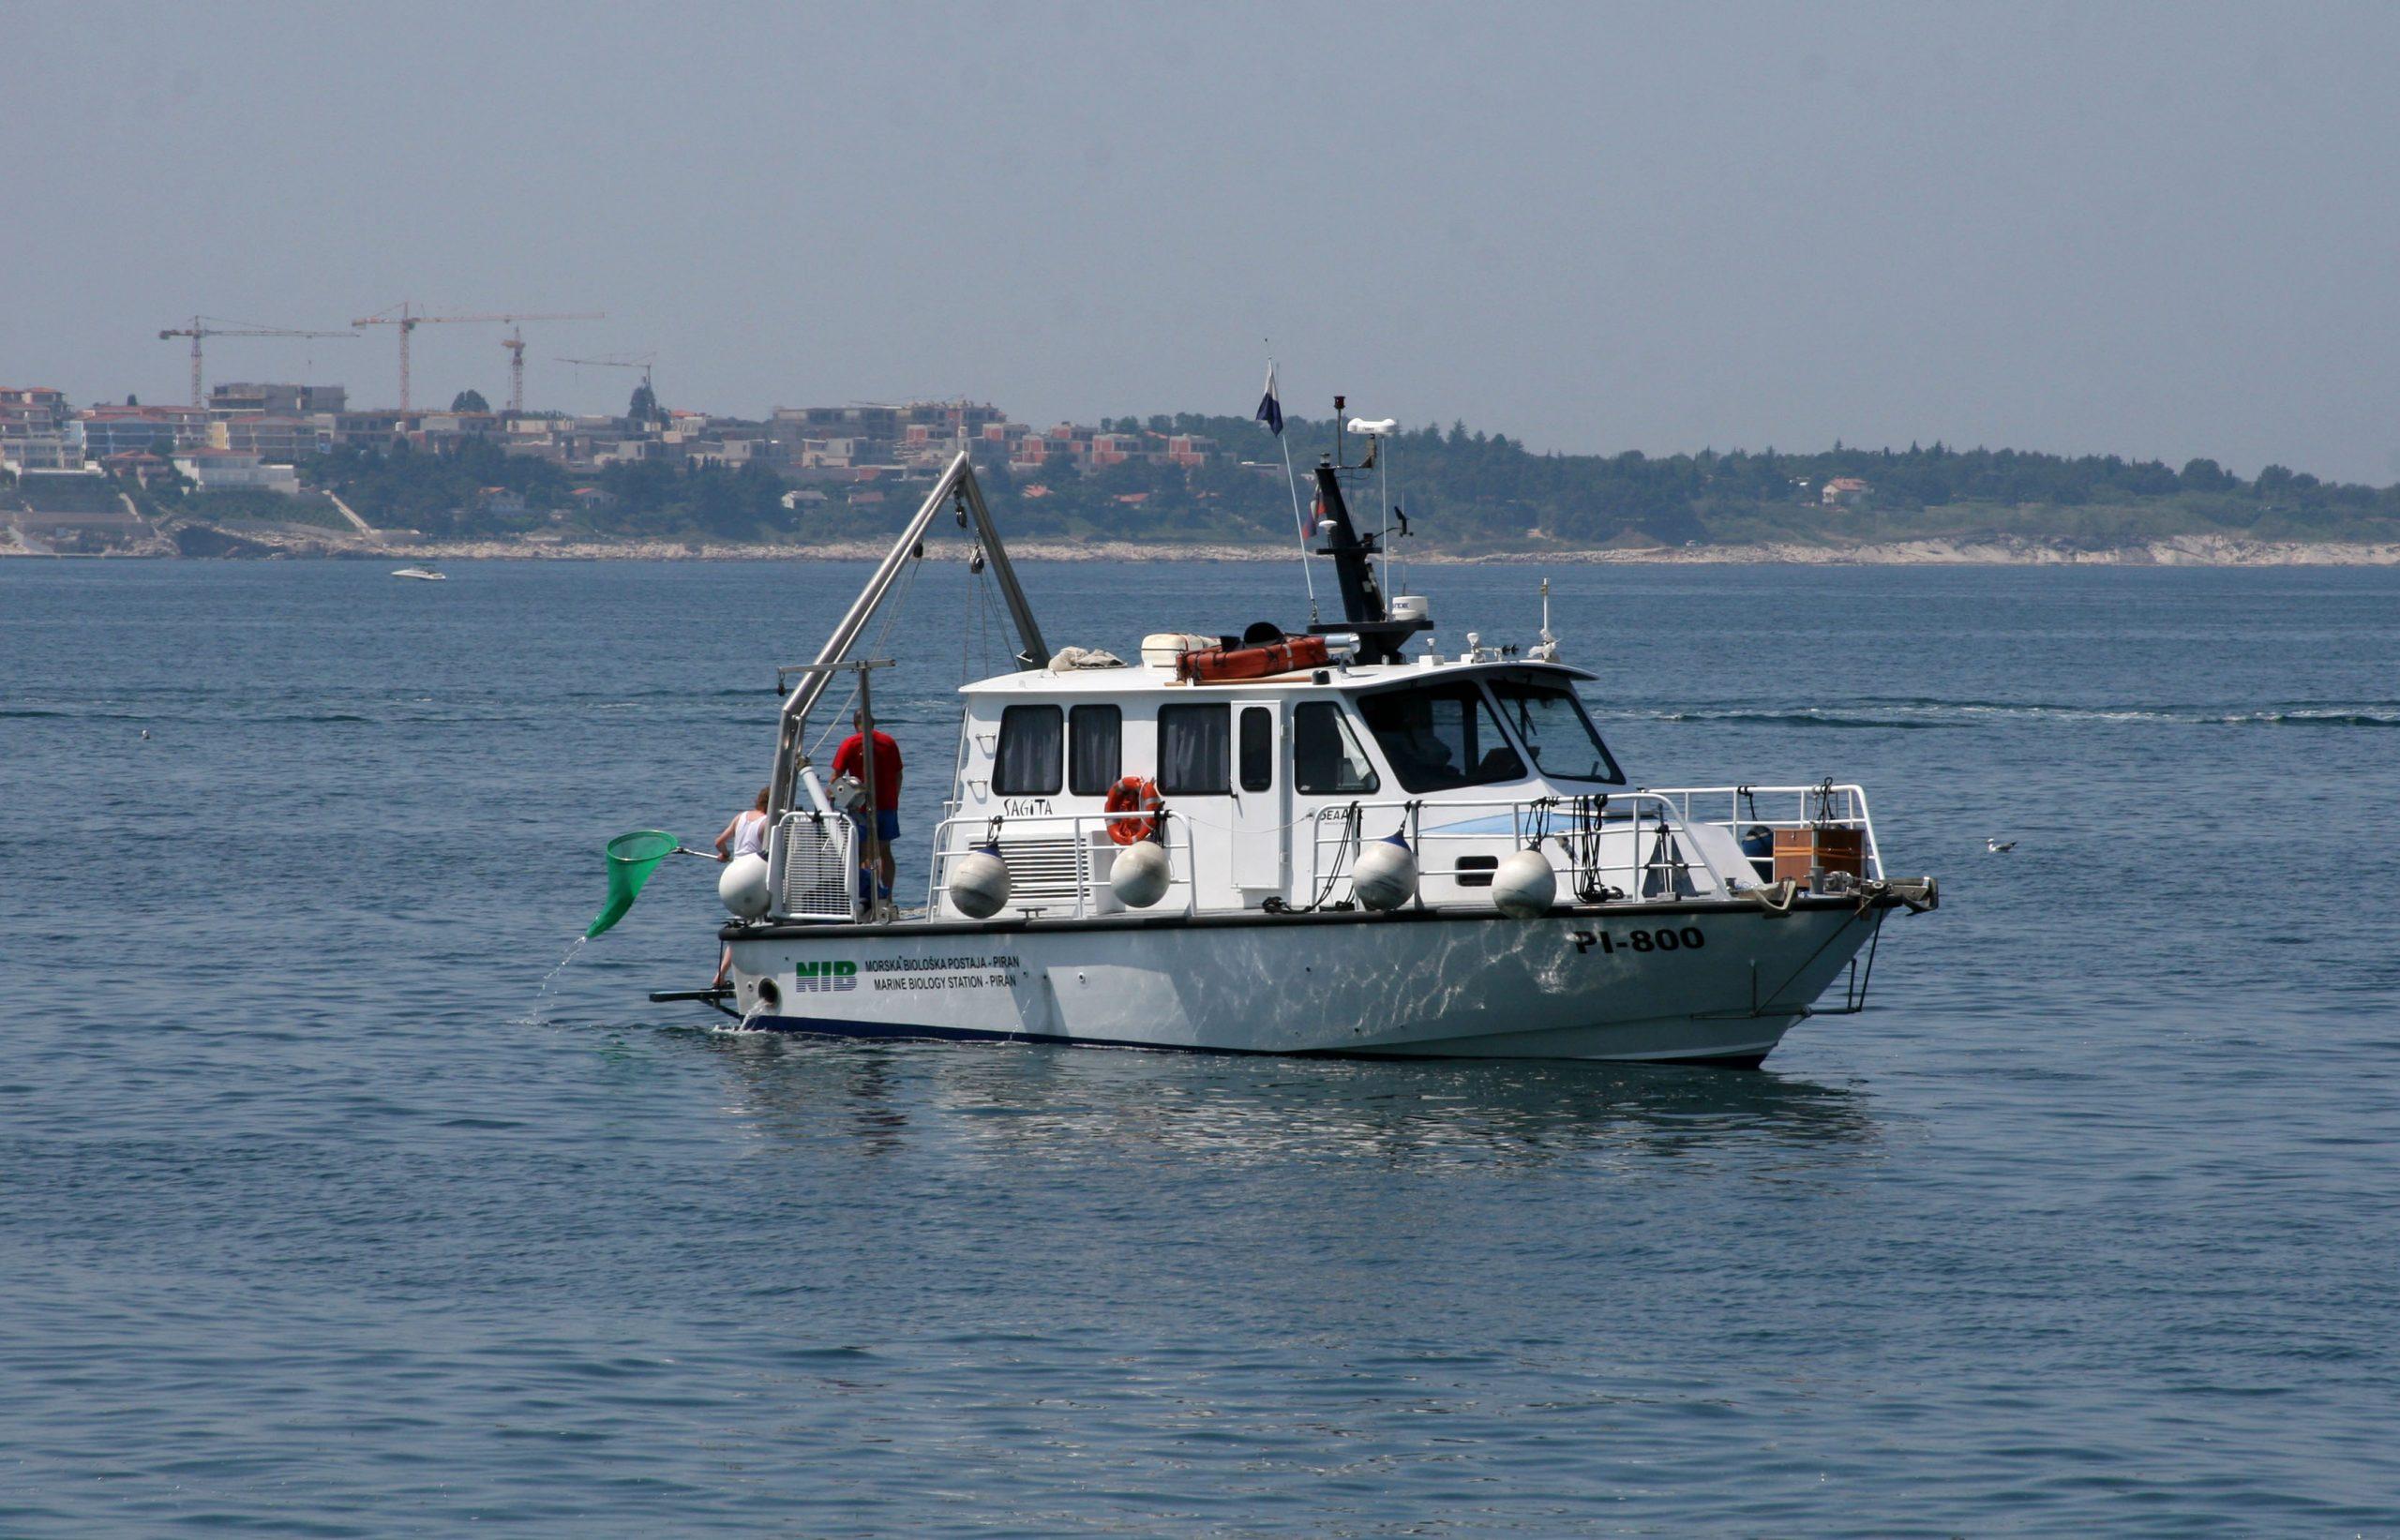 Slovenski raziskovalci morje raziskujejo z ladjo Sagita